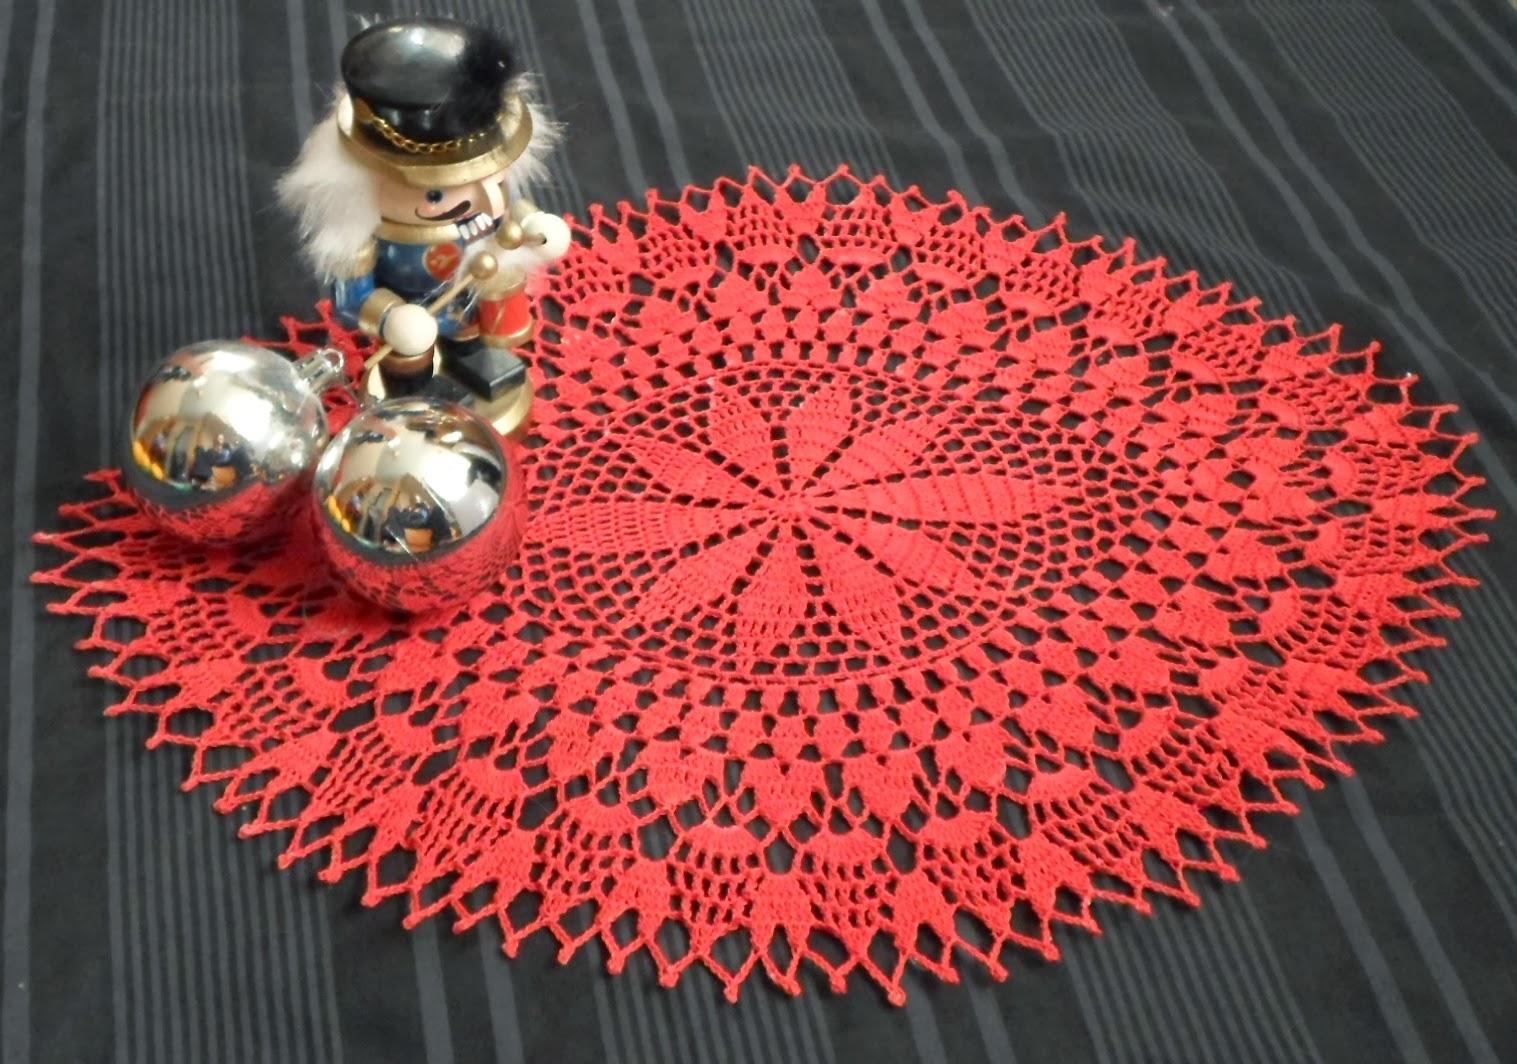 Carpetas Ovaladas Tejidas A Crochet Paso - Carpet The Honoroak